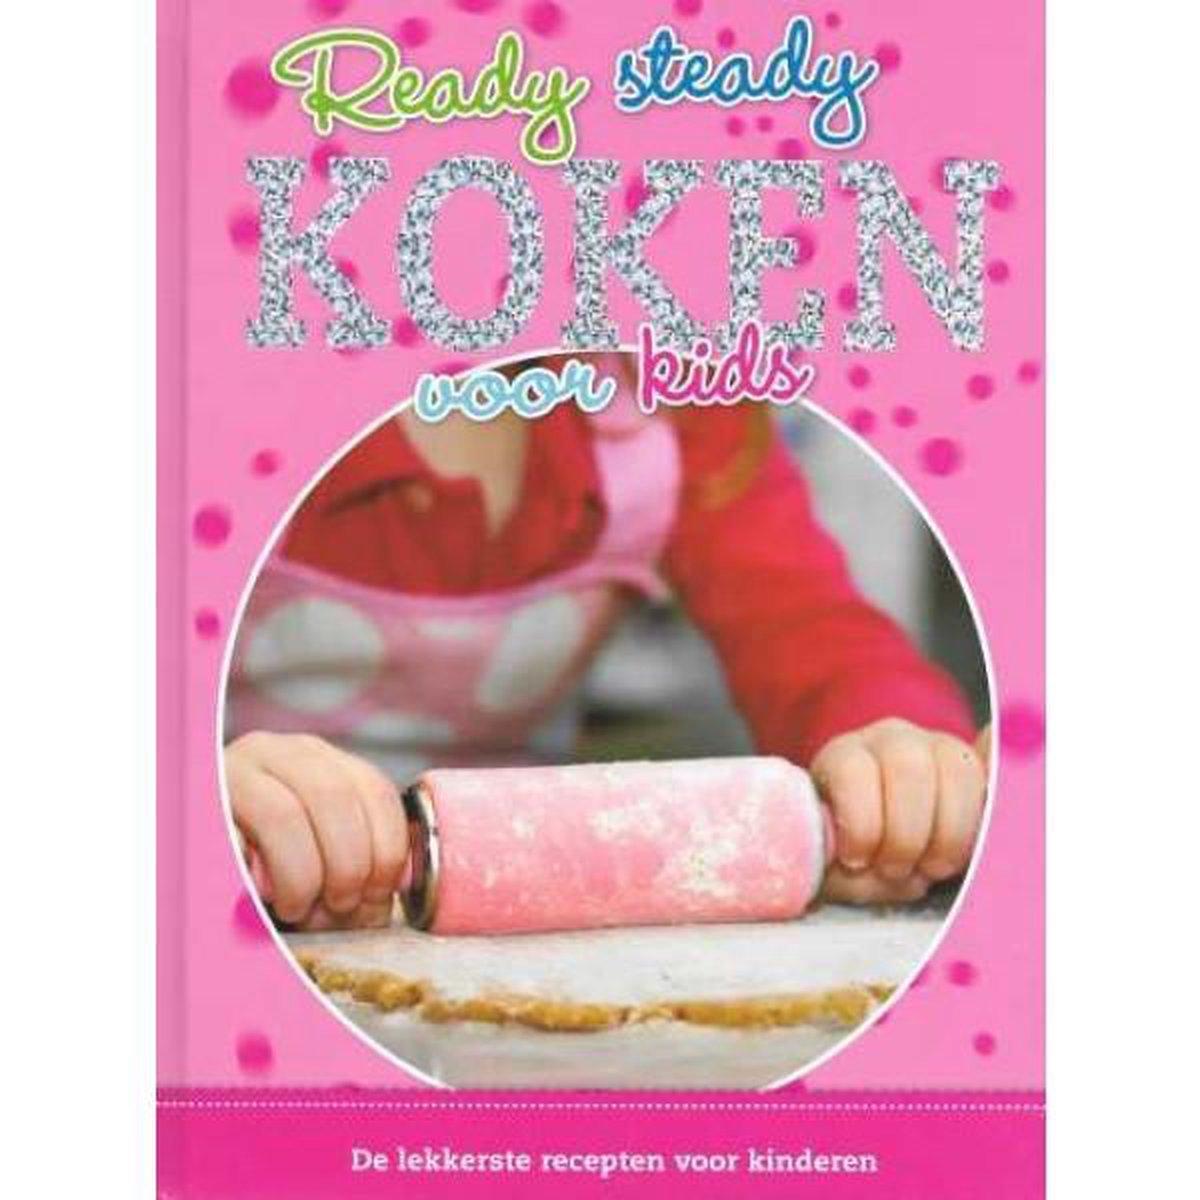 Ready steady koken voor kids